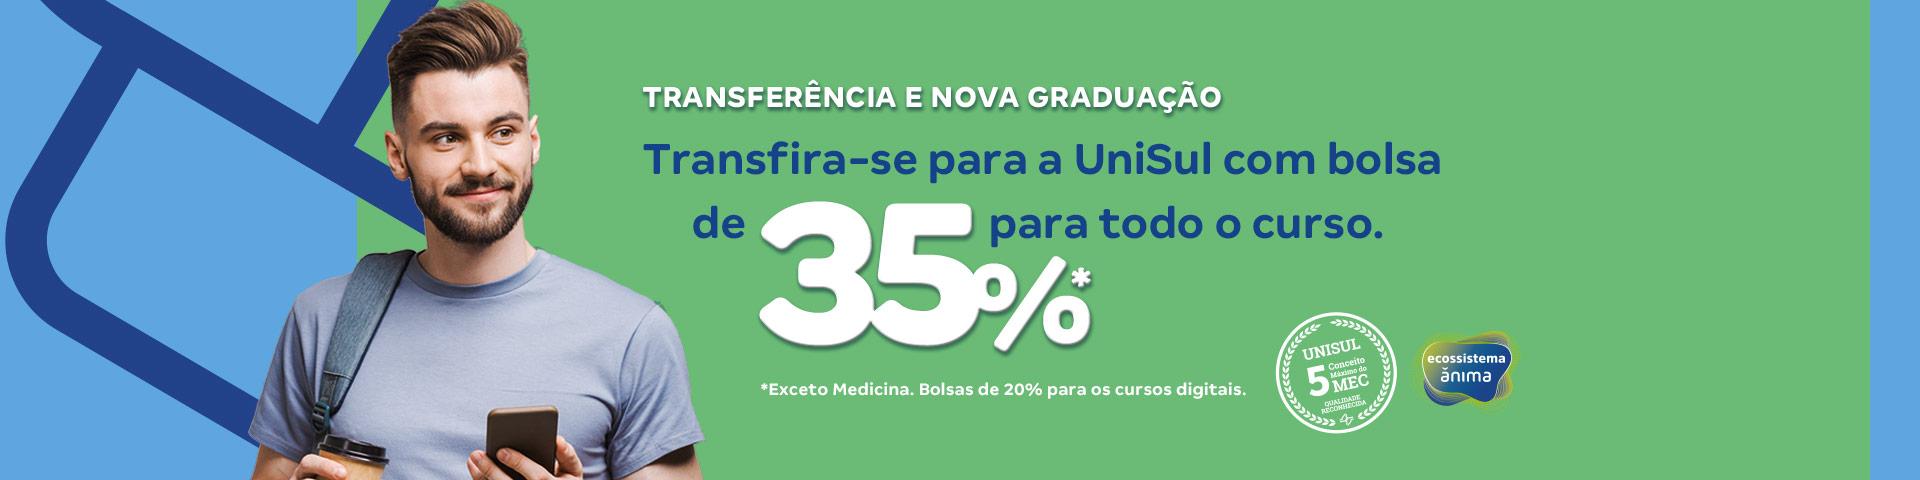 transferência e segunda graduação - 2021-2 - topo interna